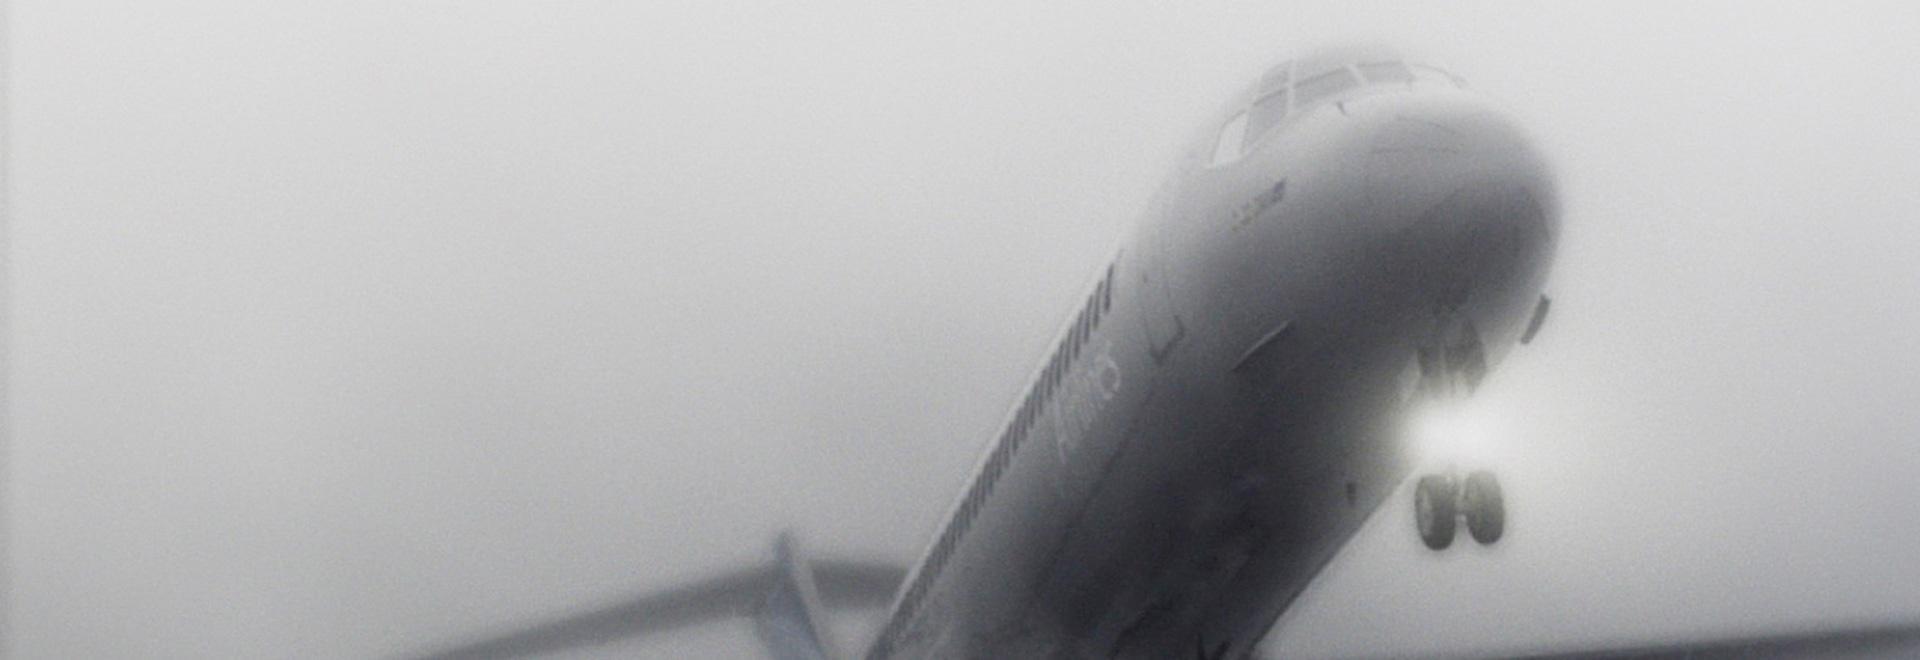 Collisione in volo